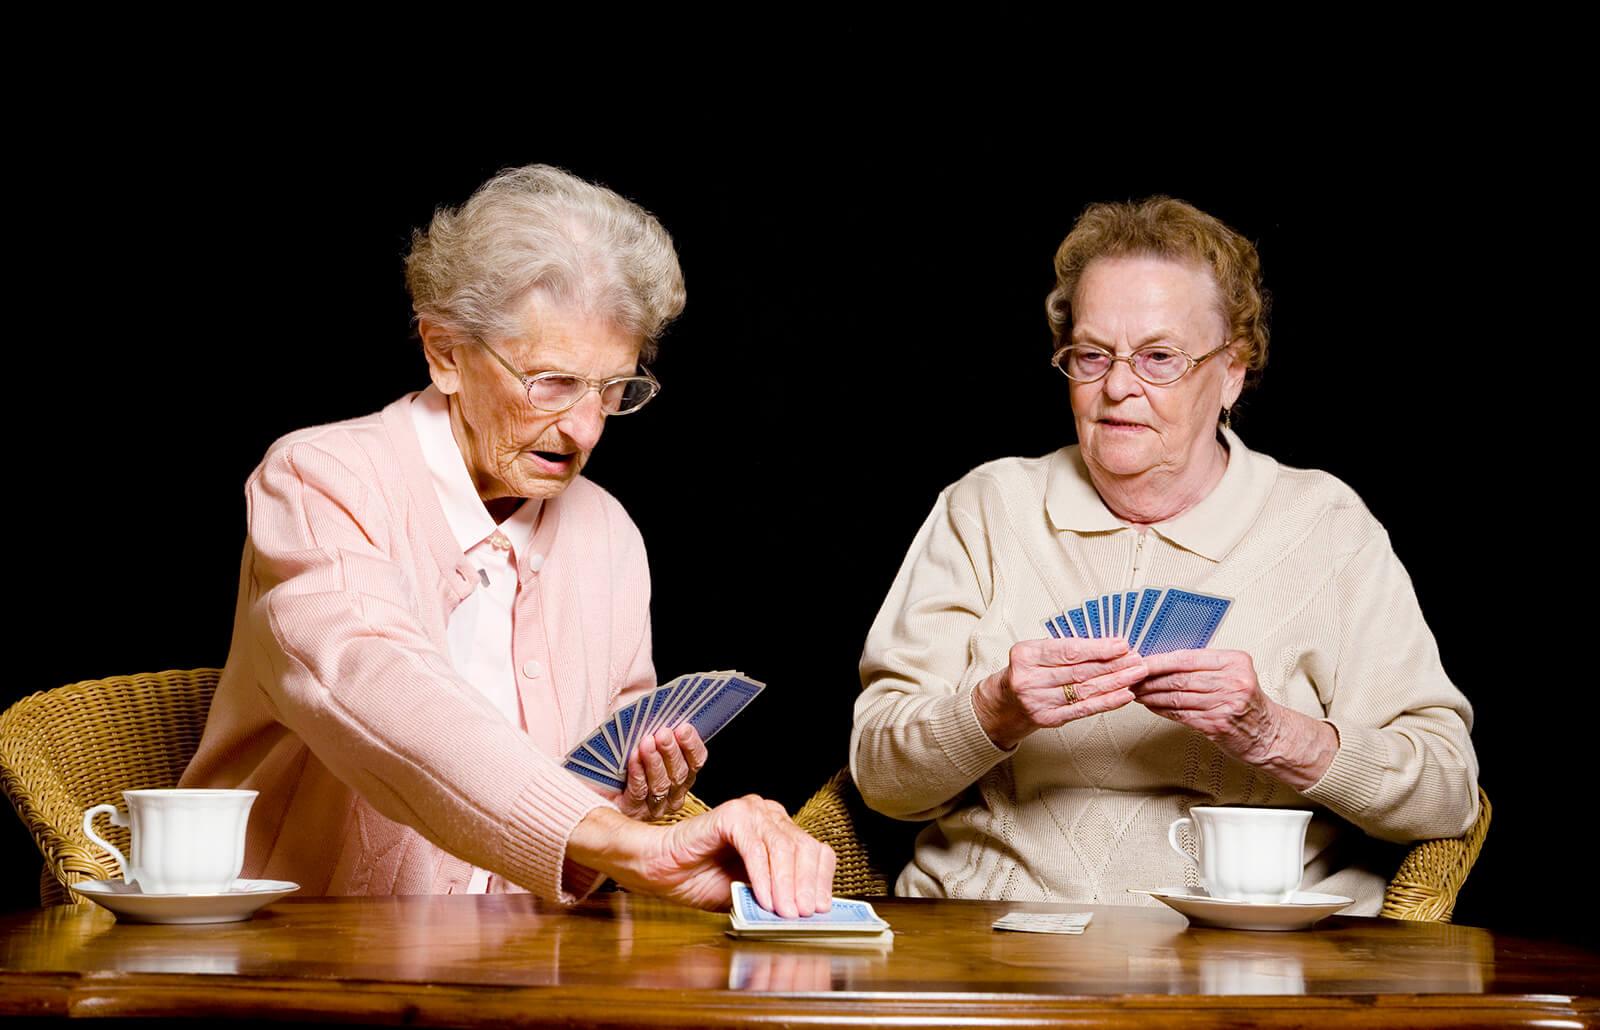 actividades-juego-personas-mayores.jpg